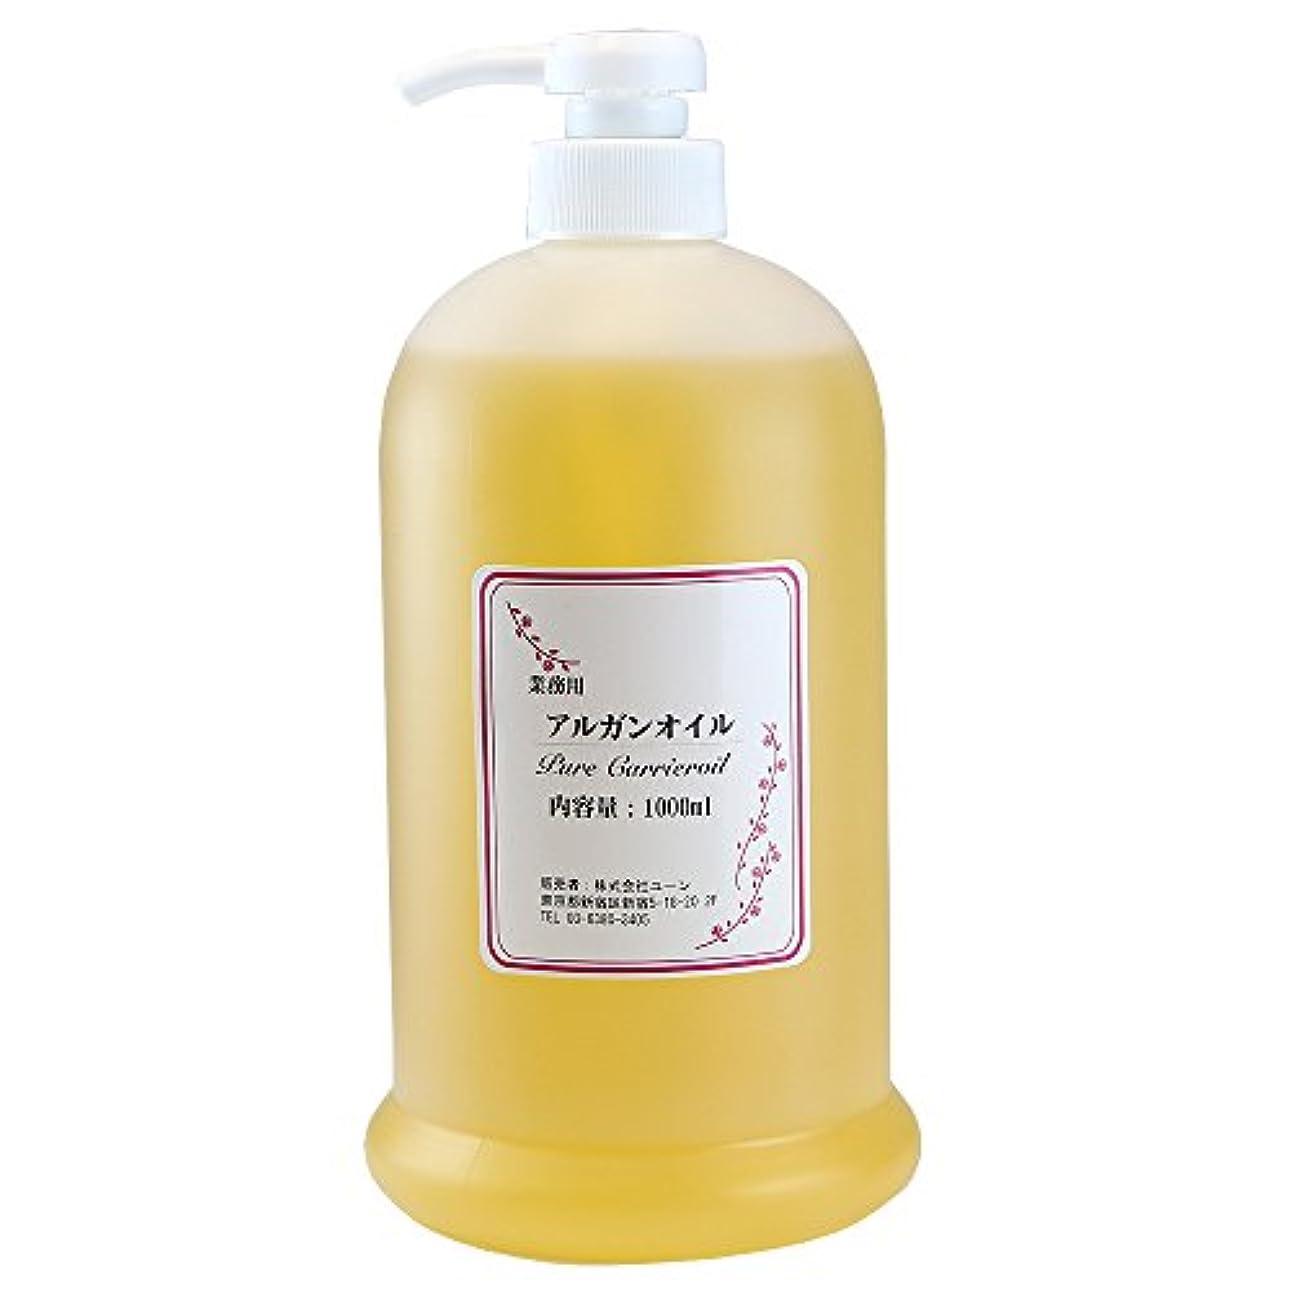 お風呂未知の一般アルガンオイル 1000ml(業務用):マッサージオイル